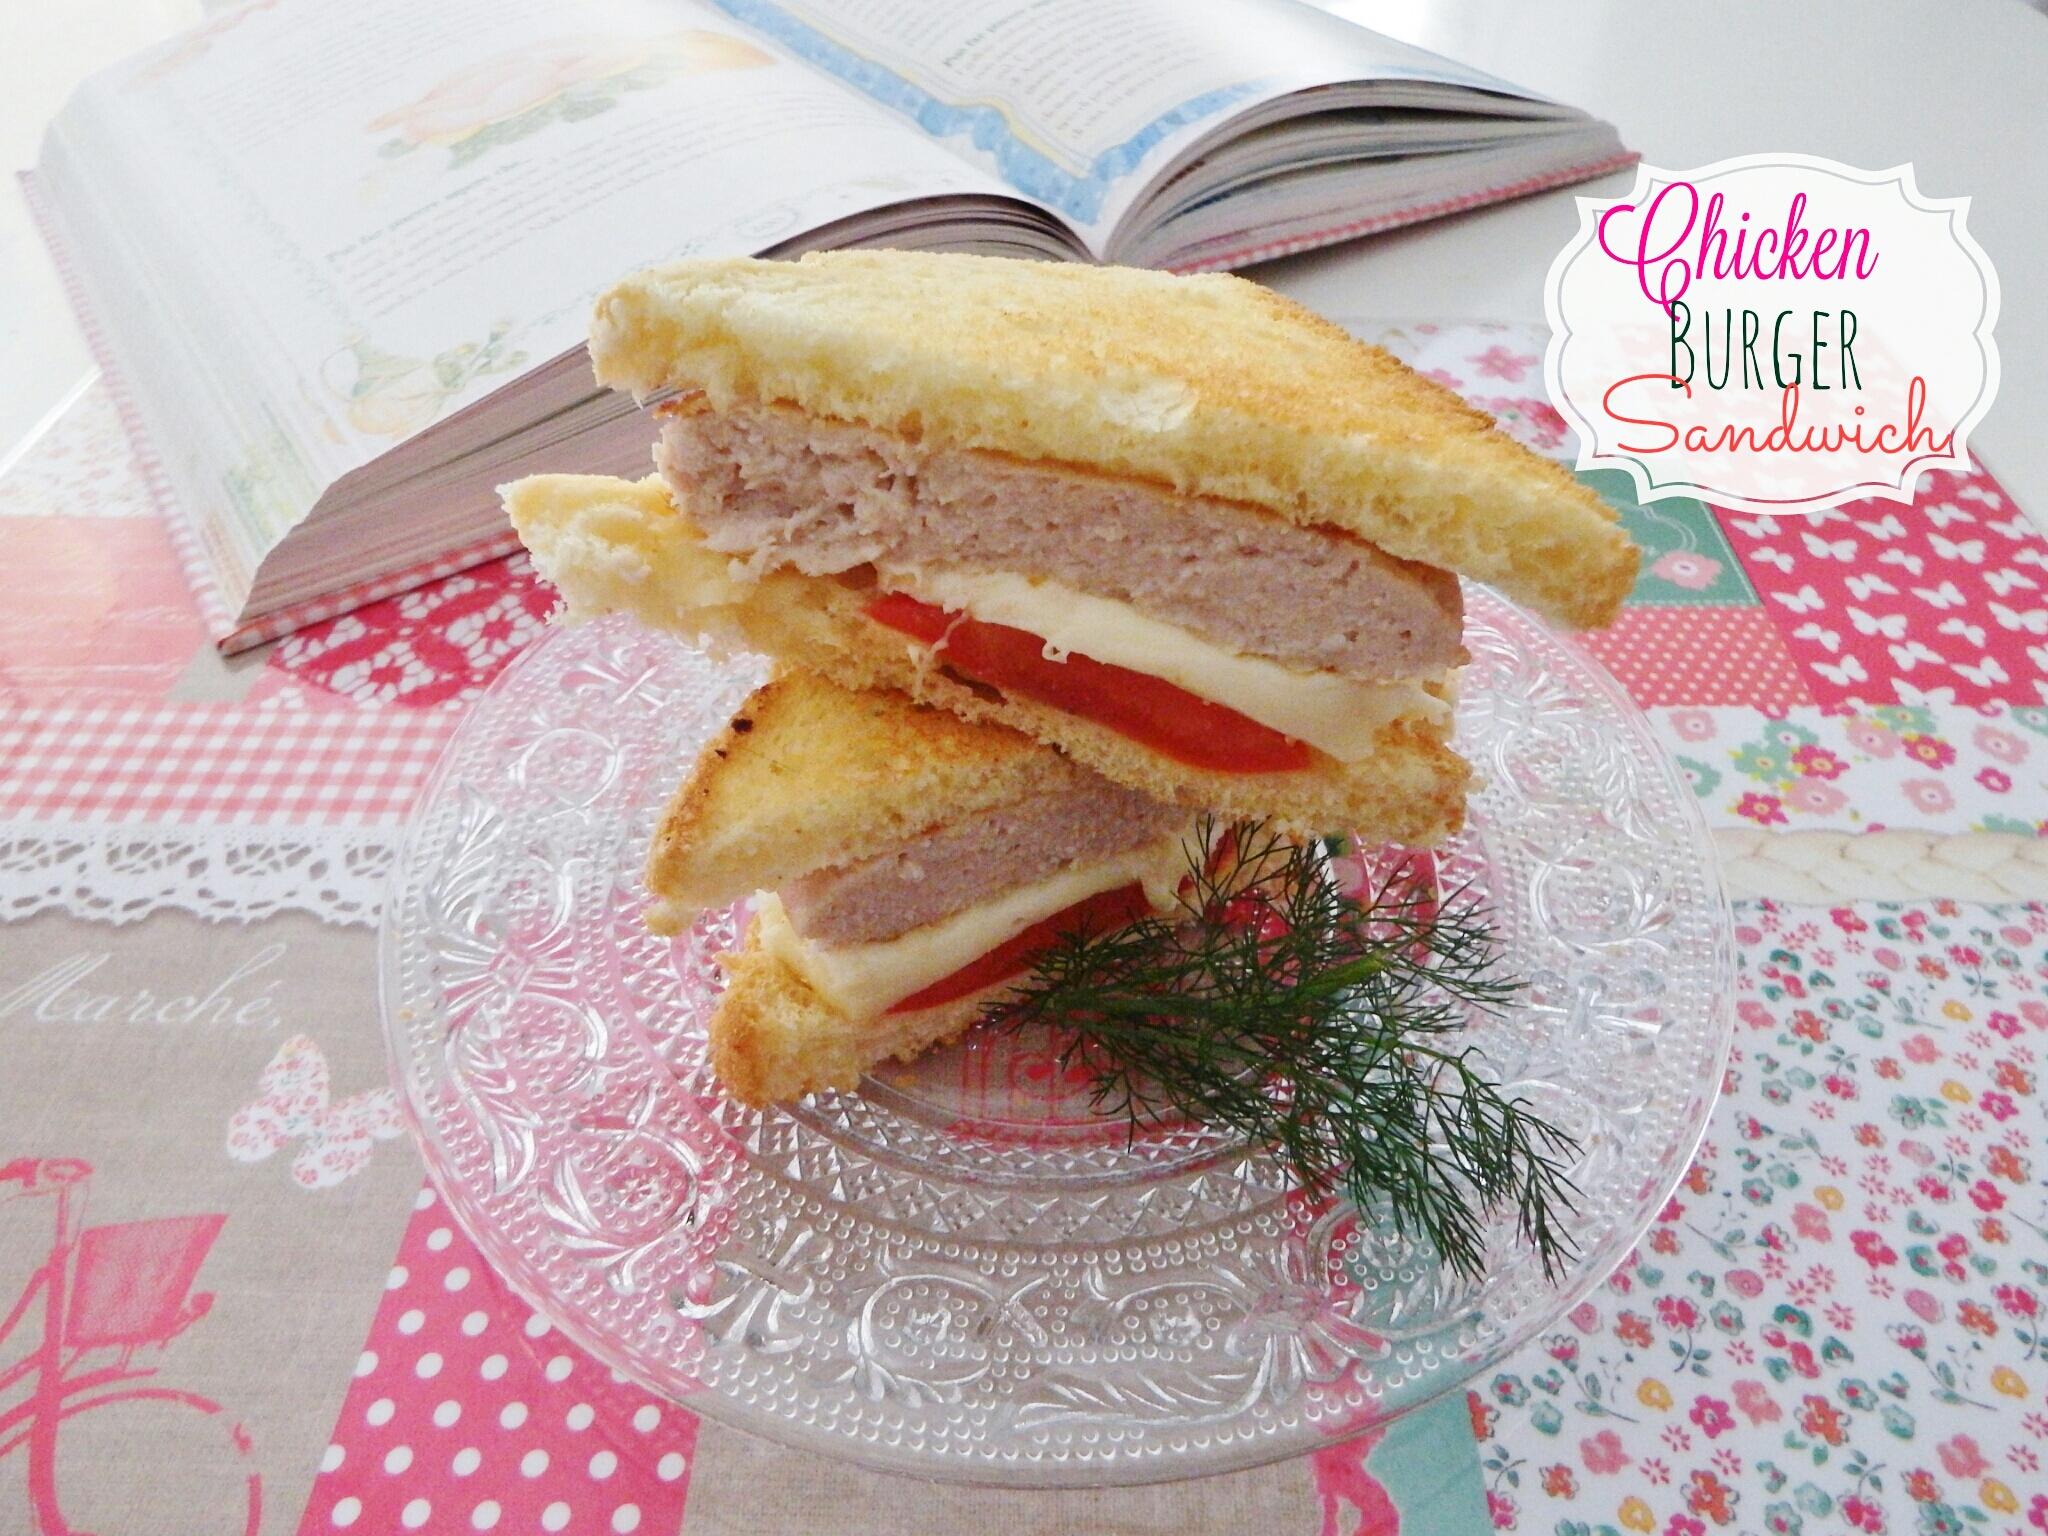 Chicken burger sandwich